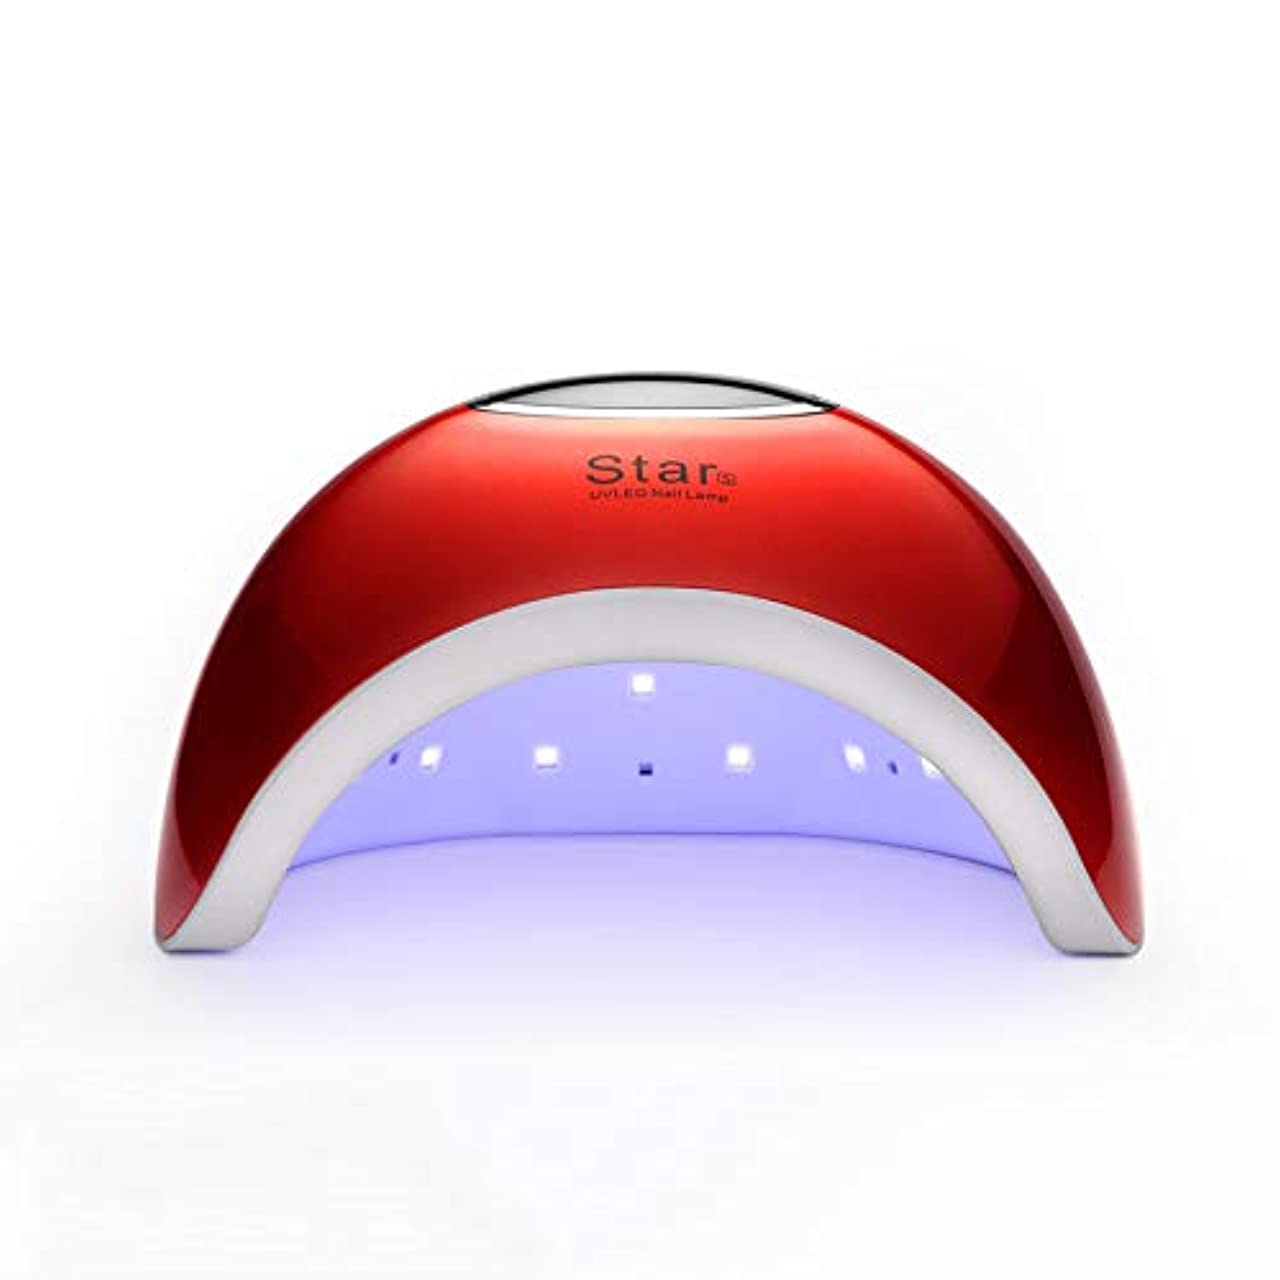 ネイルライト、4種類のタイマー設定およびジェルネイルとトゥーンネイルの硬化用センサーを備えた90W UVネイルドライヤー